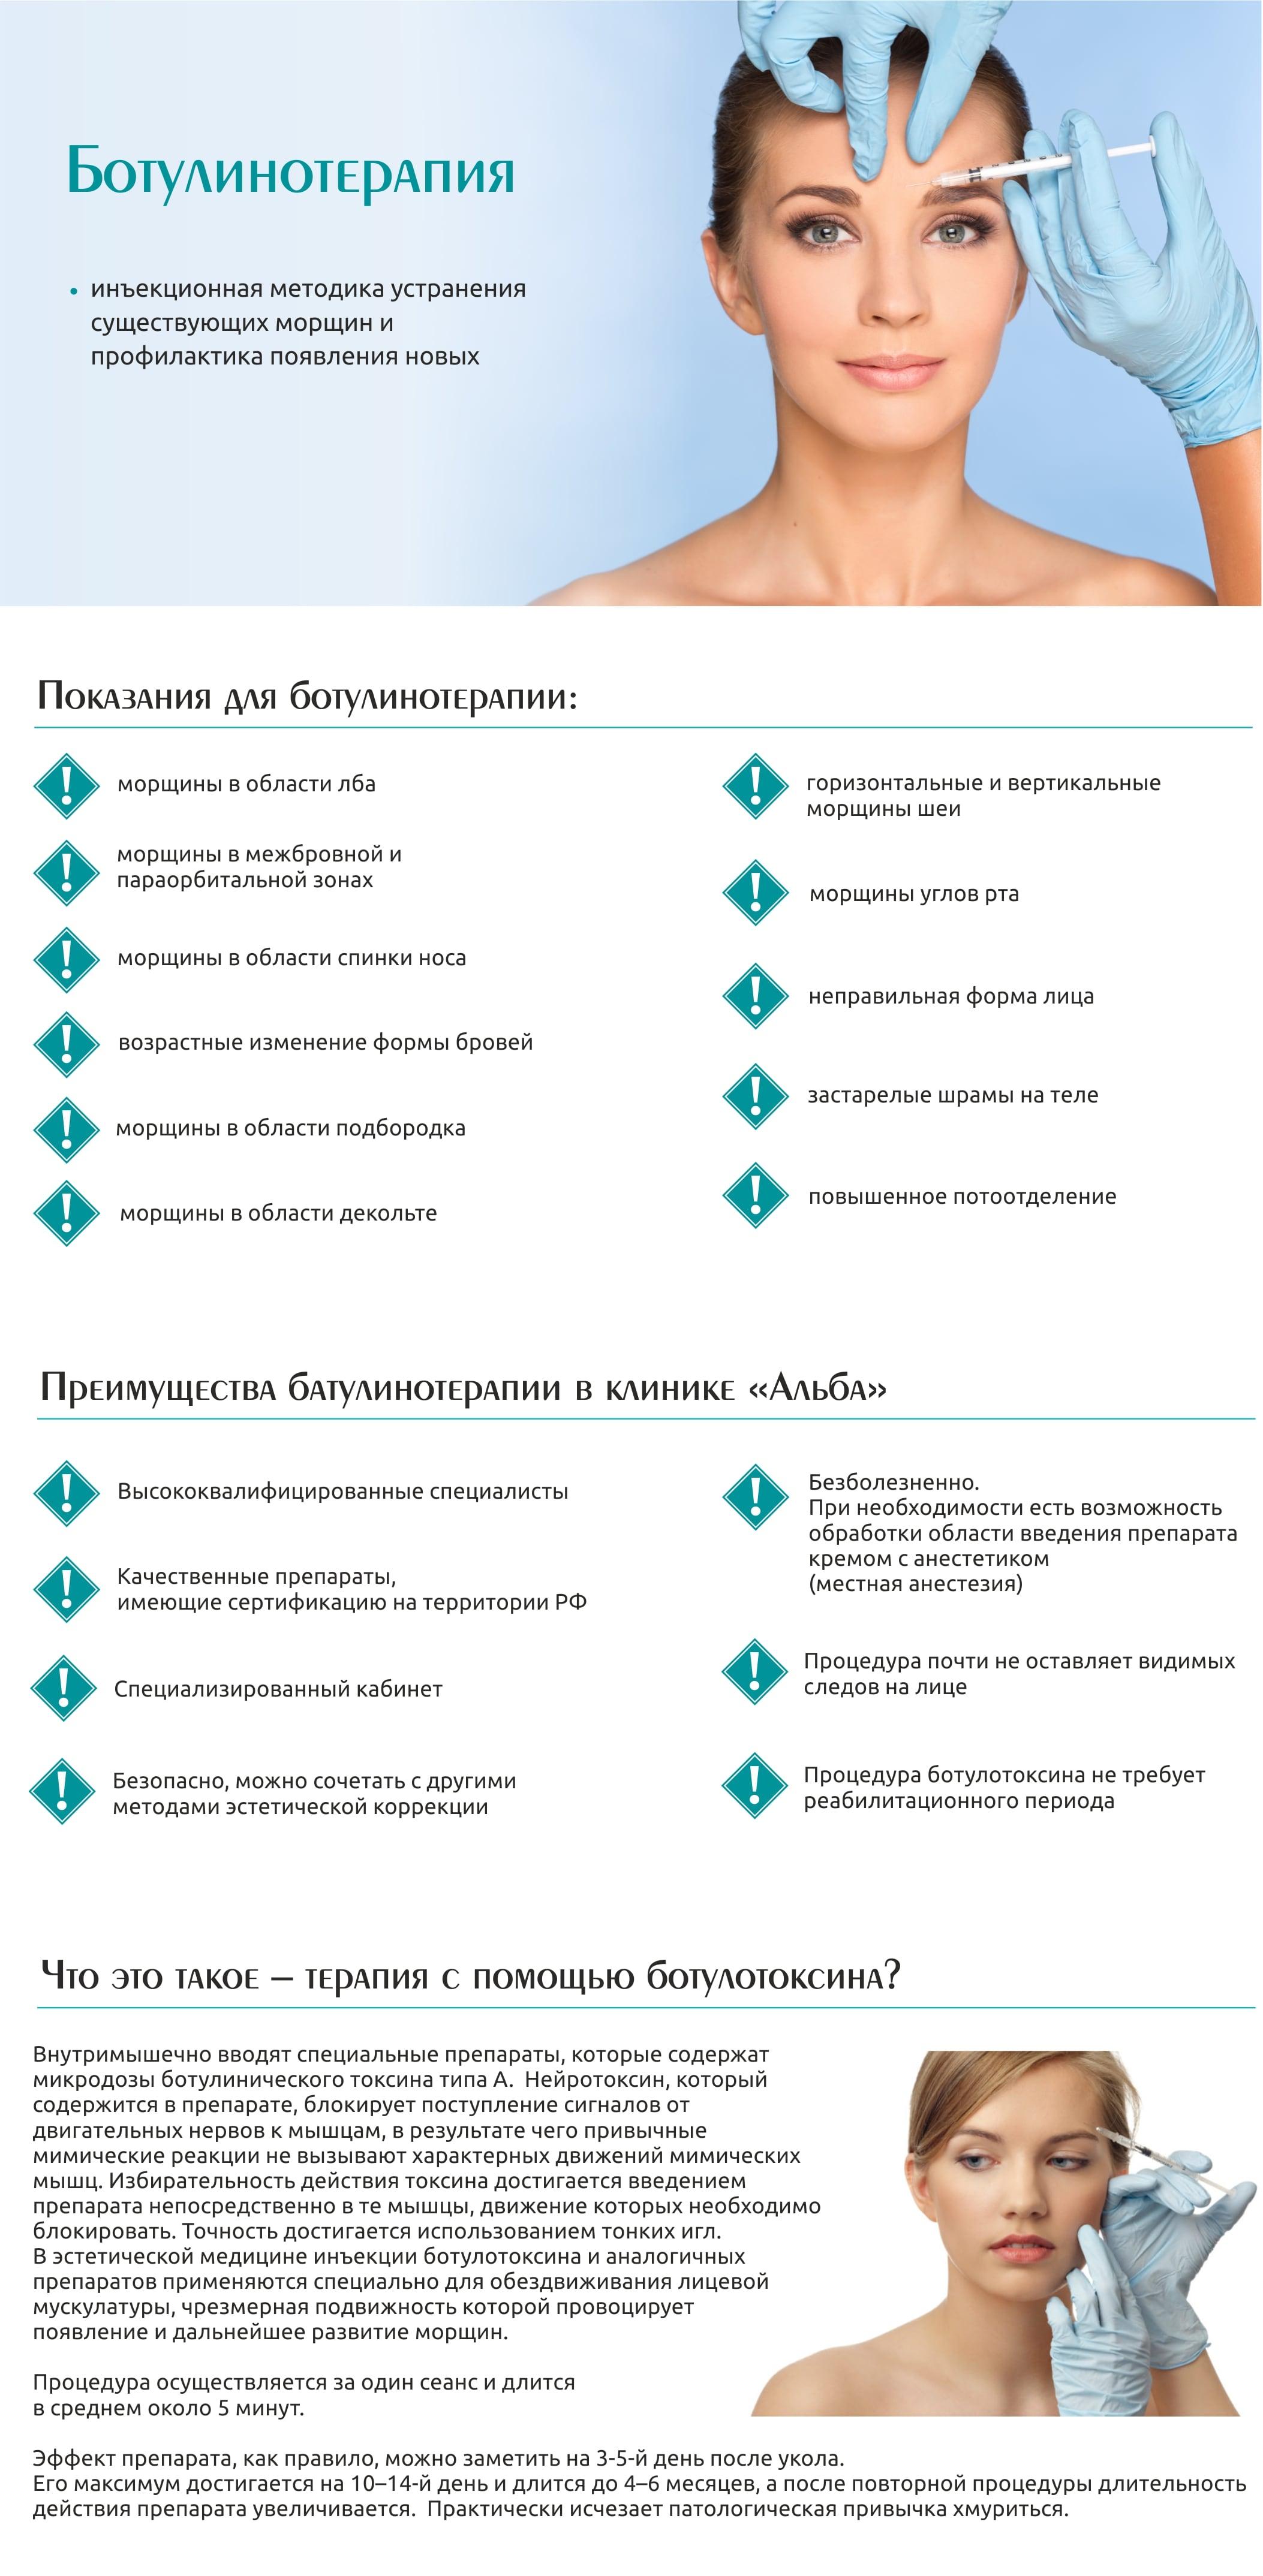 Ботулинотерапия (1)